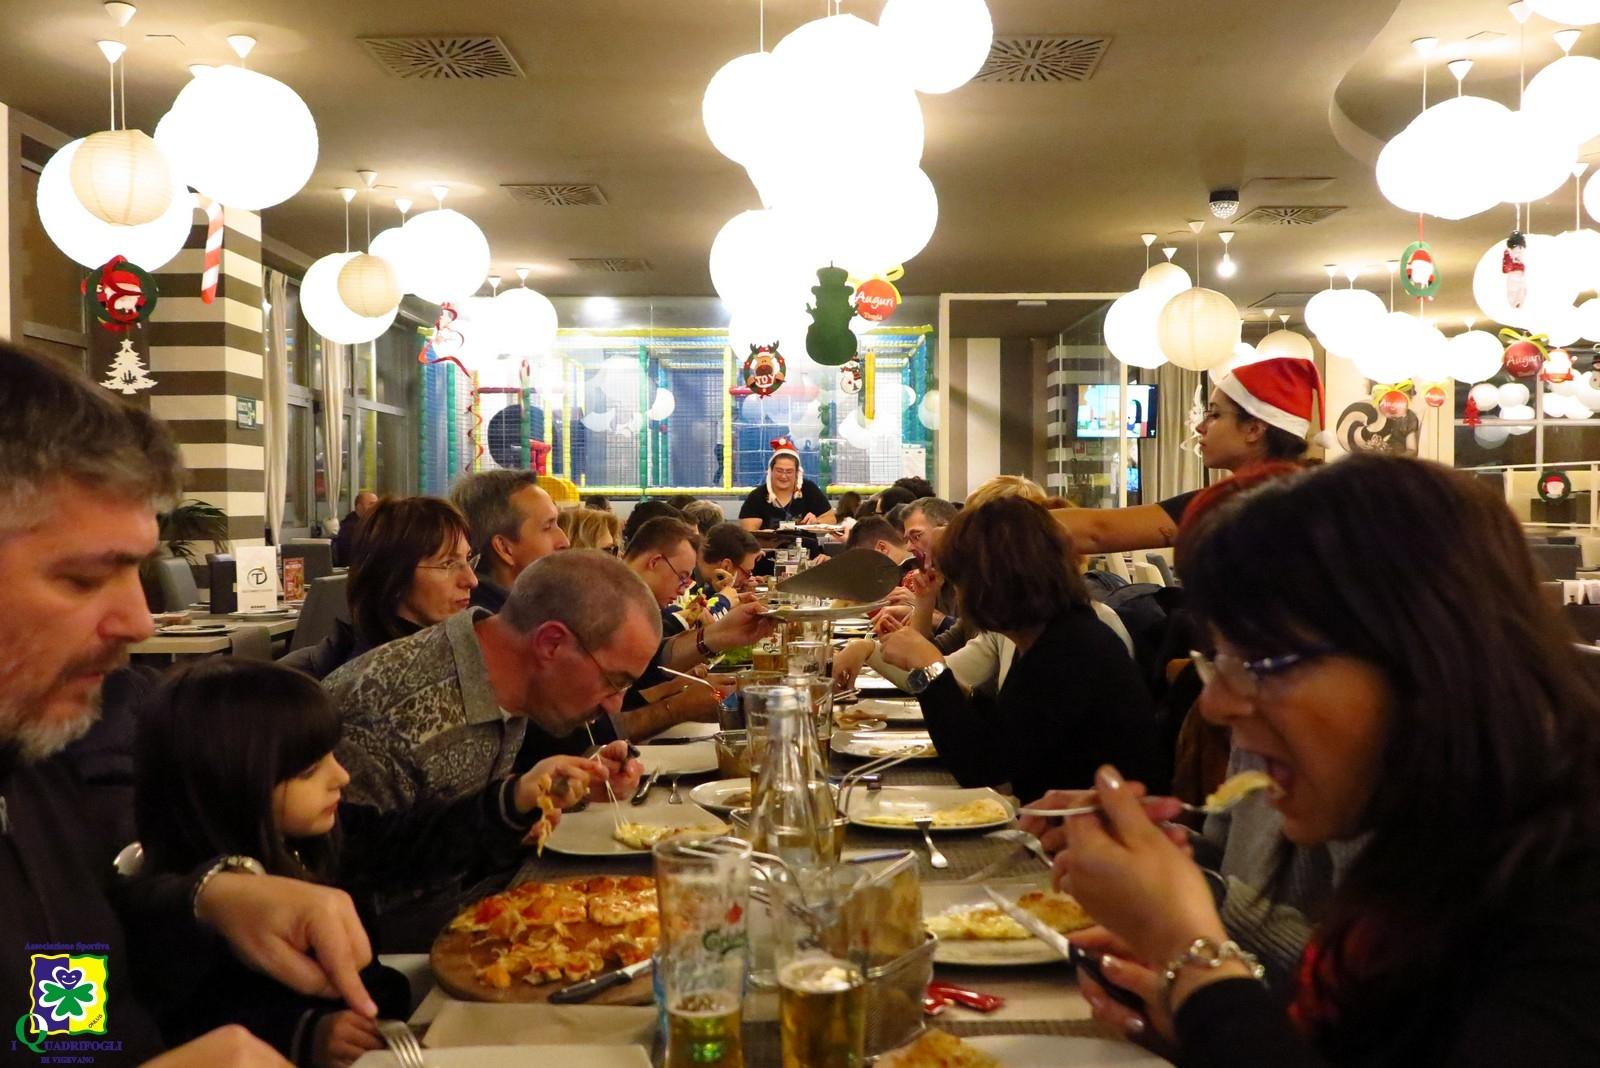 Cena di Natale iquadrifogli 18-12-2018 - 041